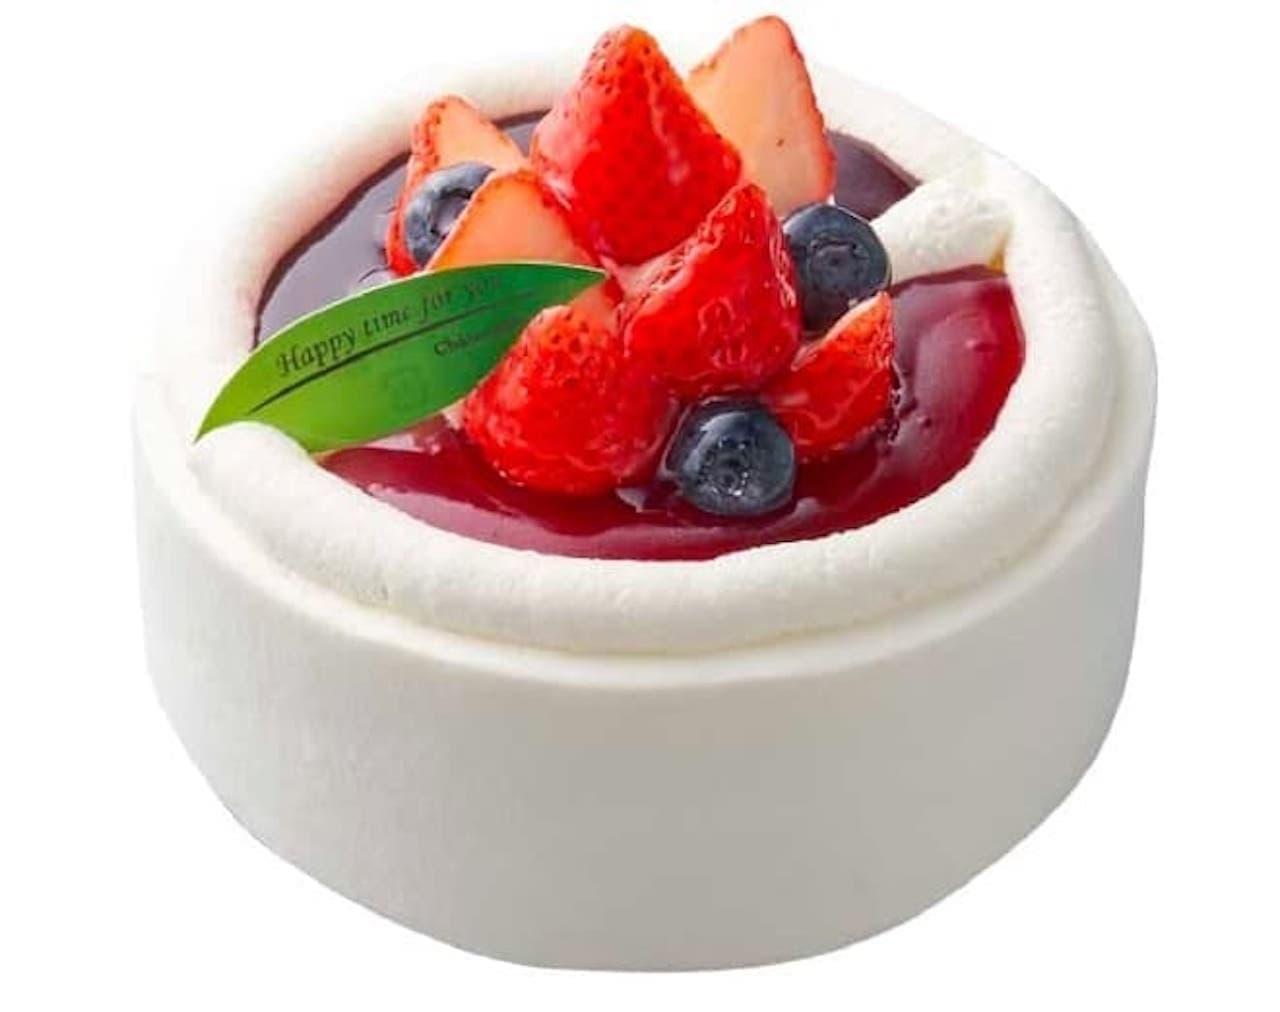 シャトレーゼ「 苺とブルーベリーのスフレチーズデコレーション」